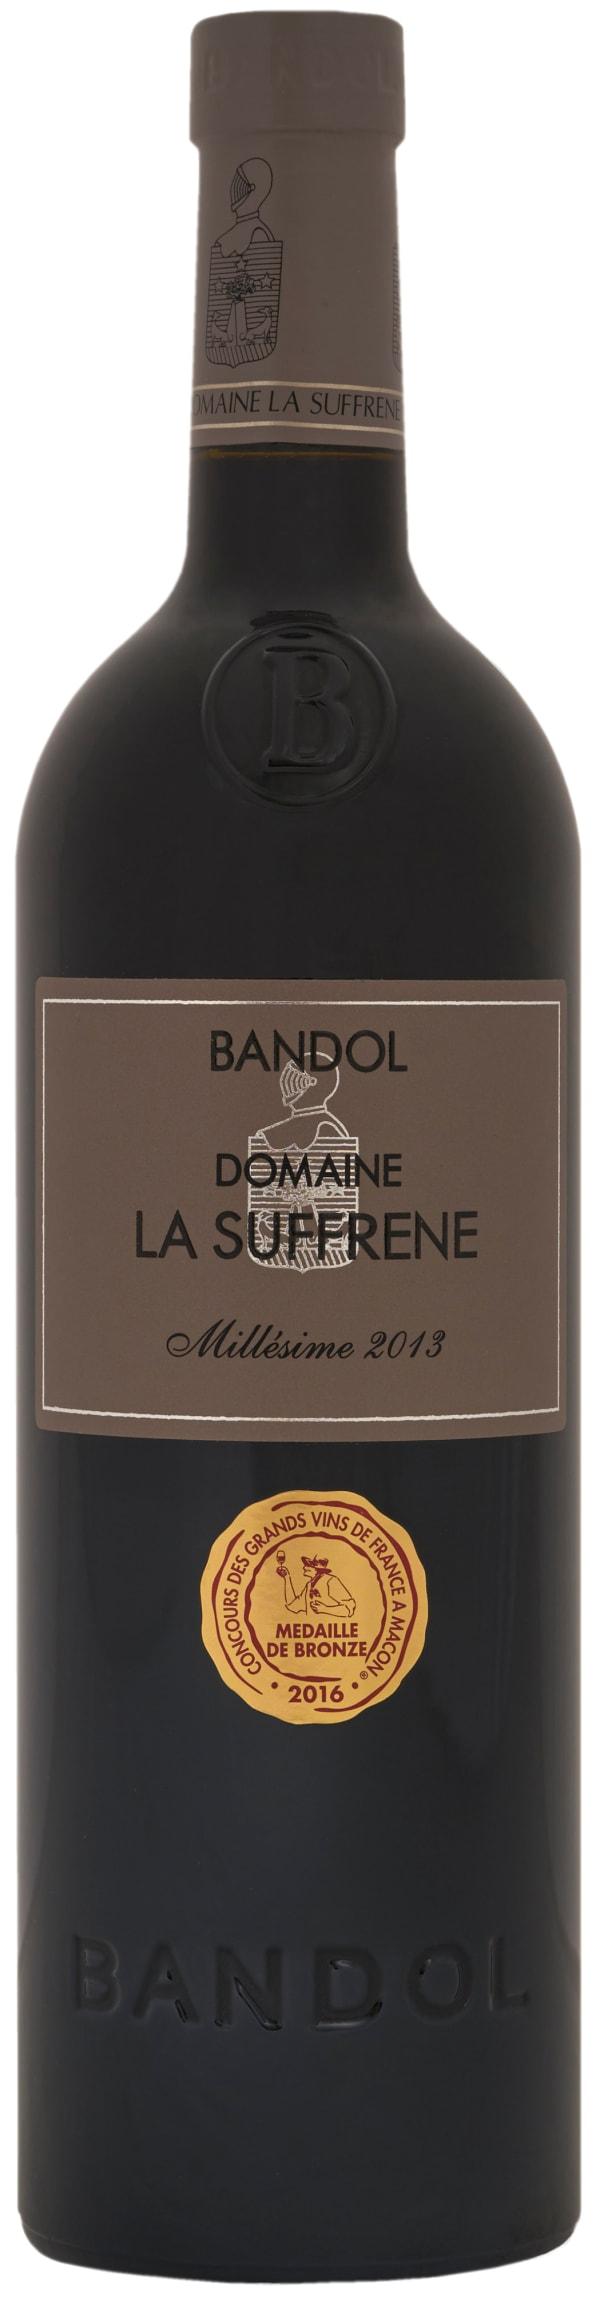 Domaine La Suffrene Bandol 2013